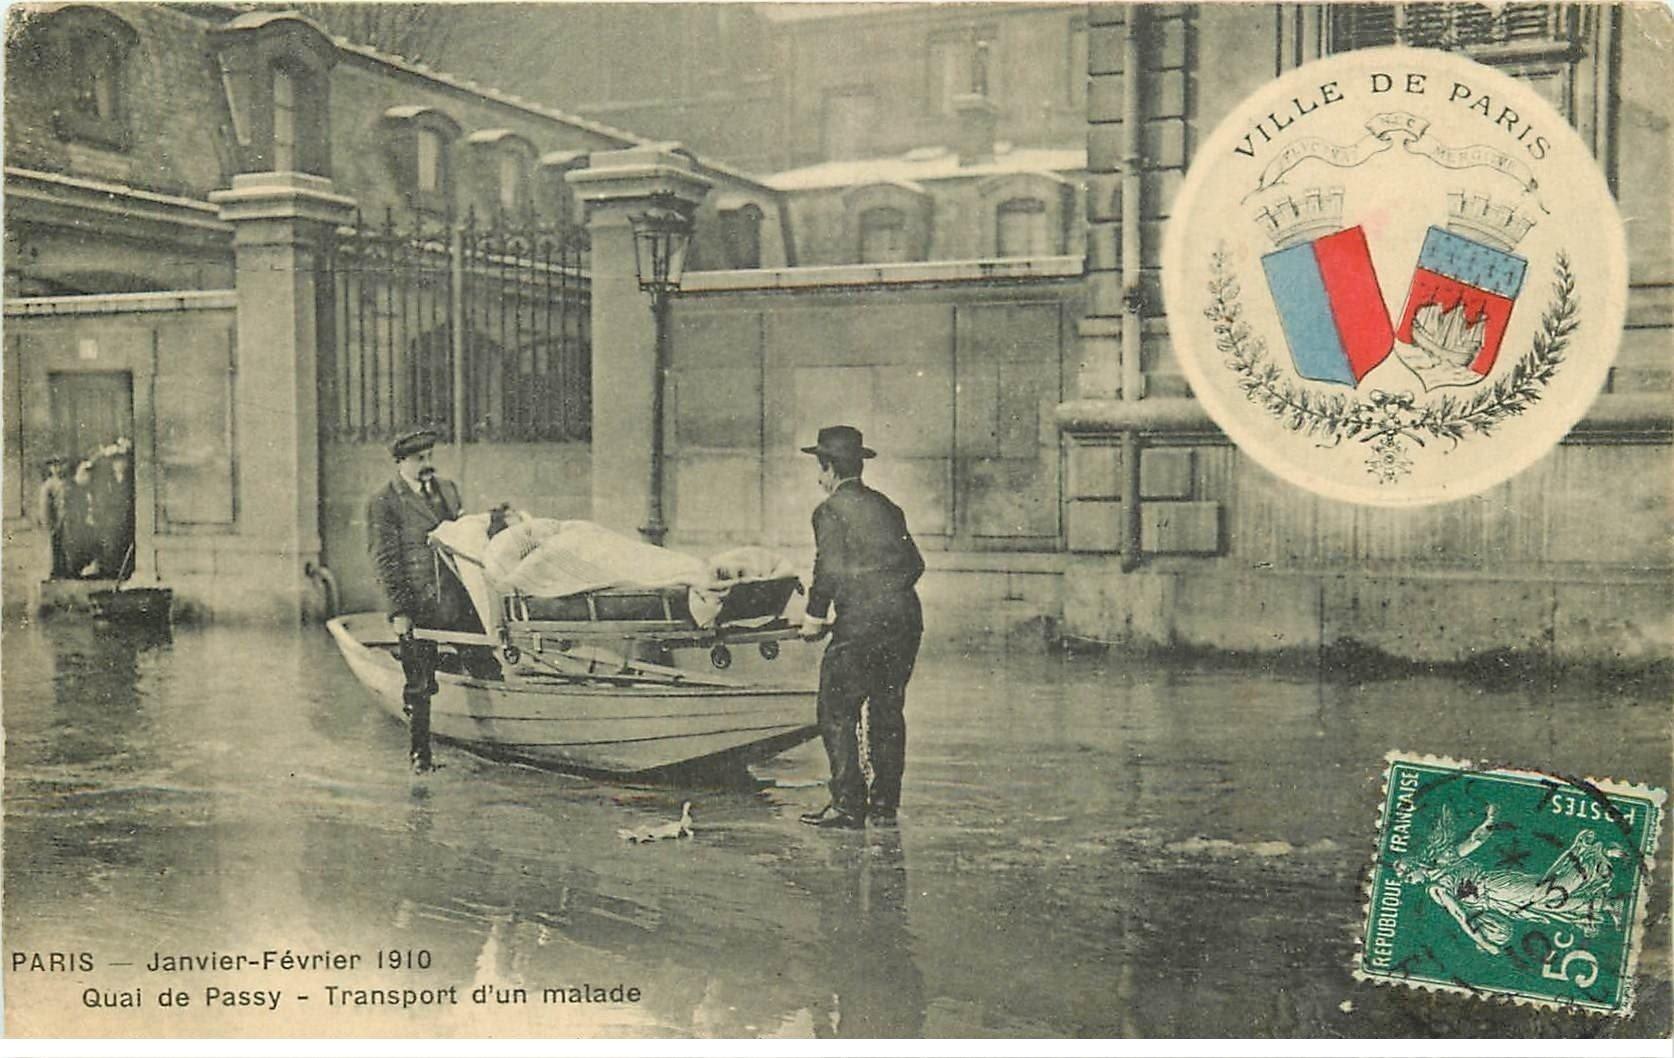 carte postale ancienne Inondation et Crue de PARIS 1910. Transport d'un Malade Quai de Passy par Bancardiers. Edition B.G